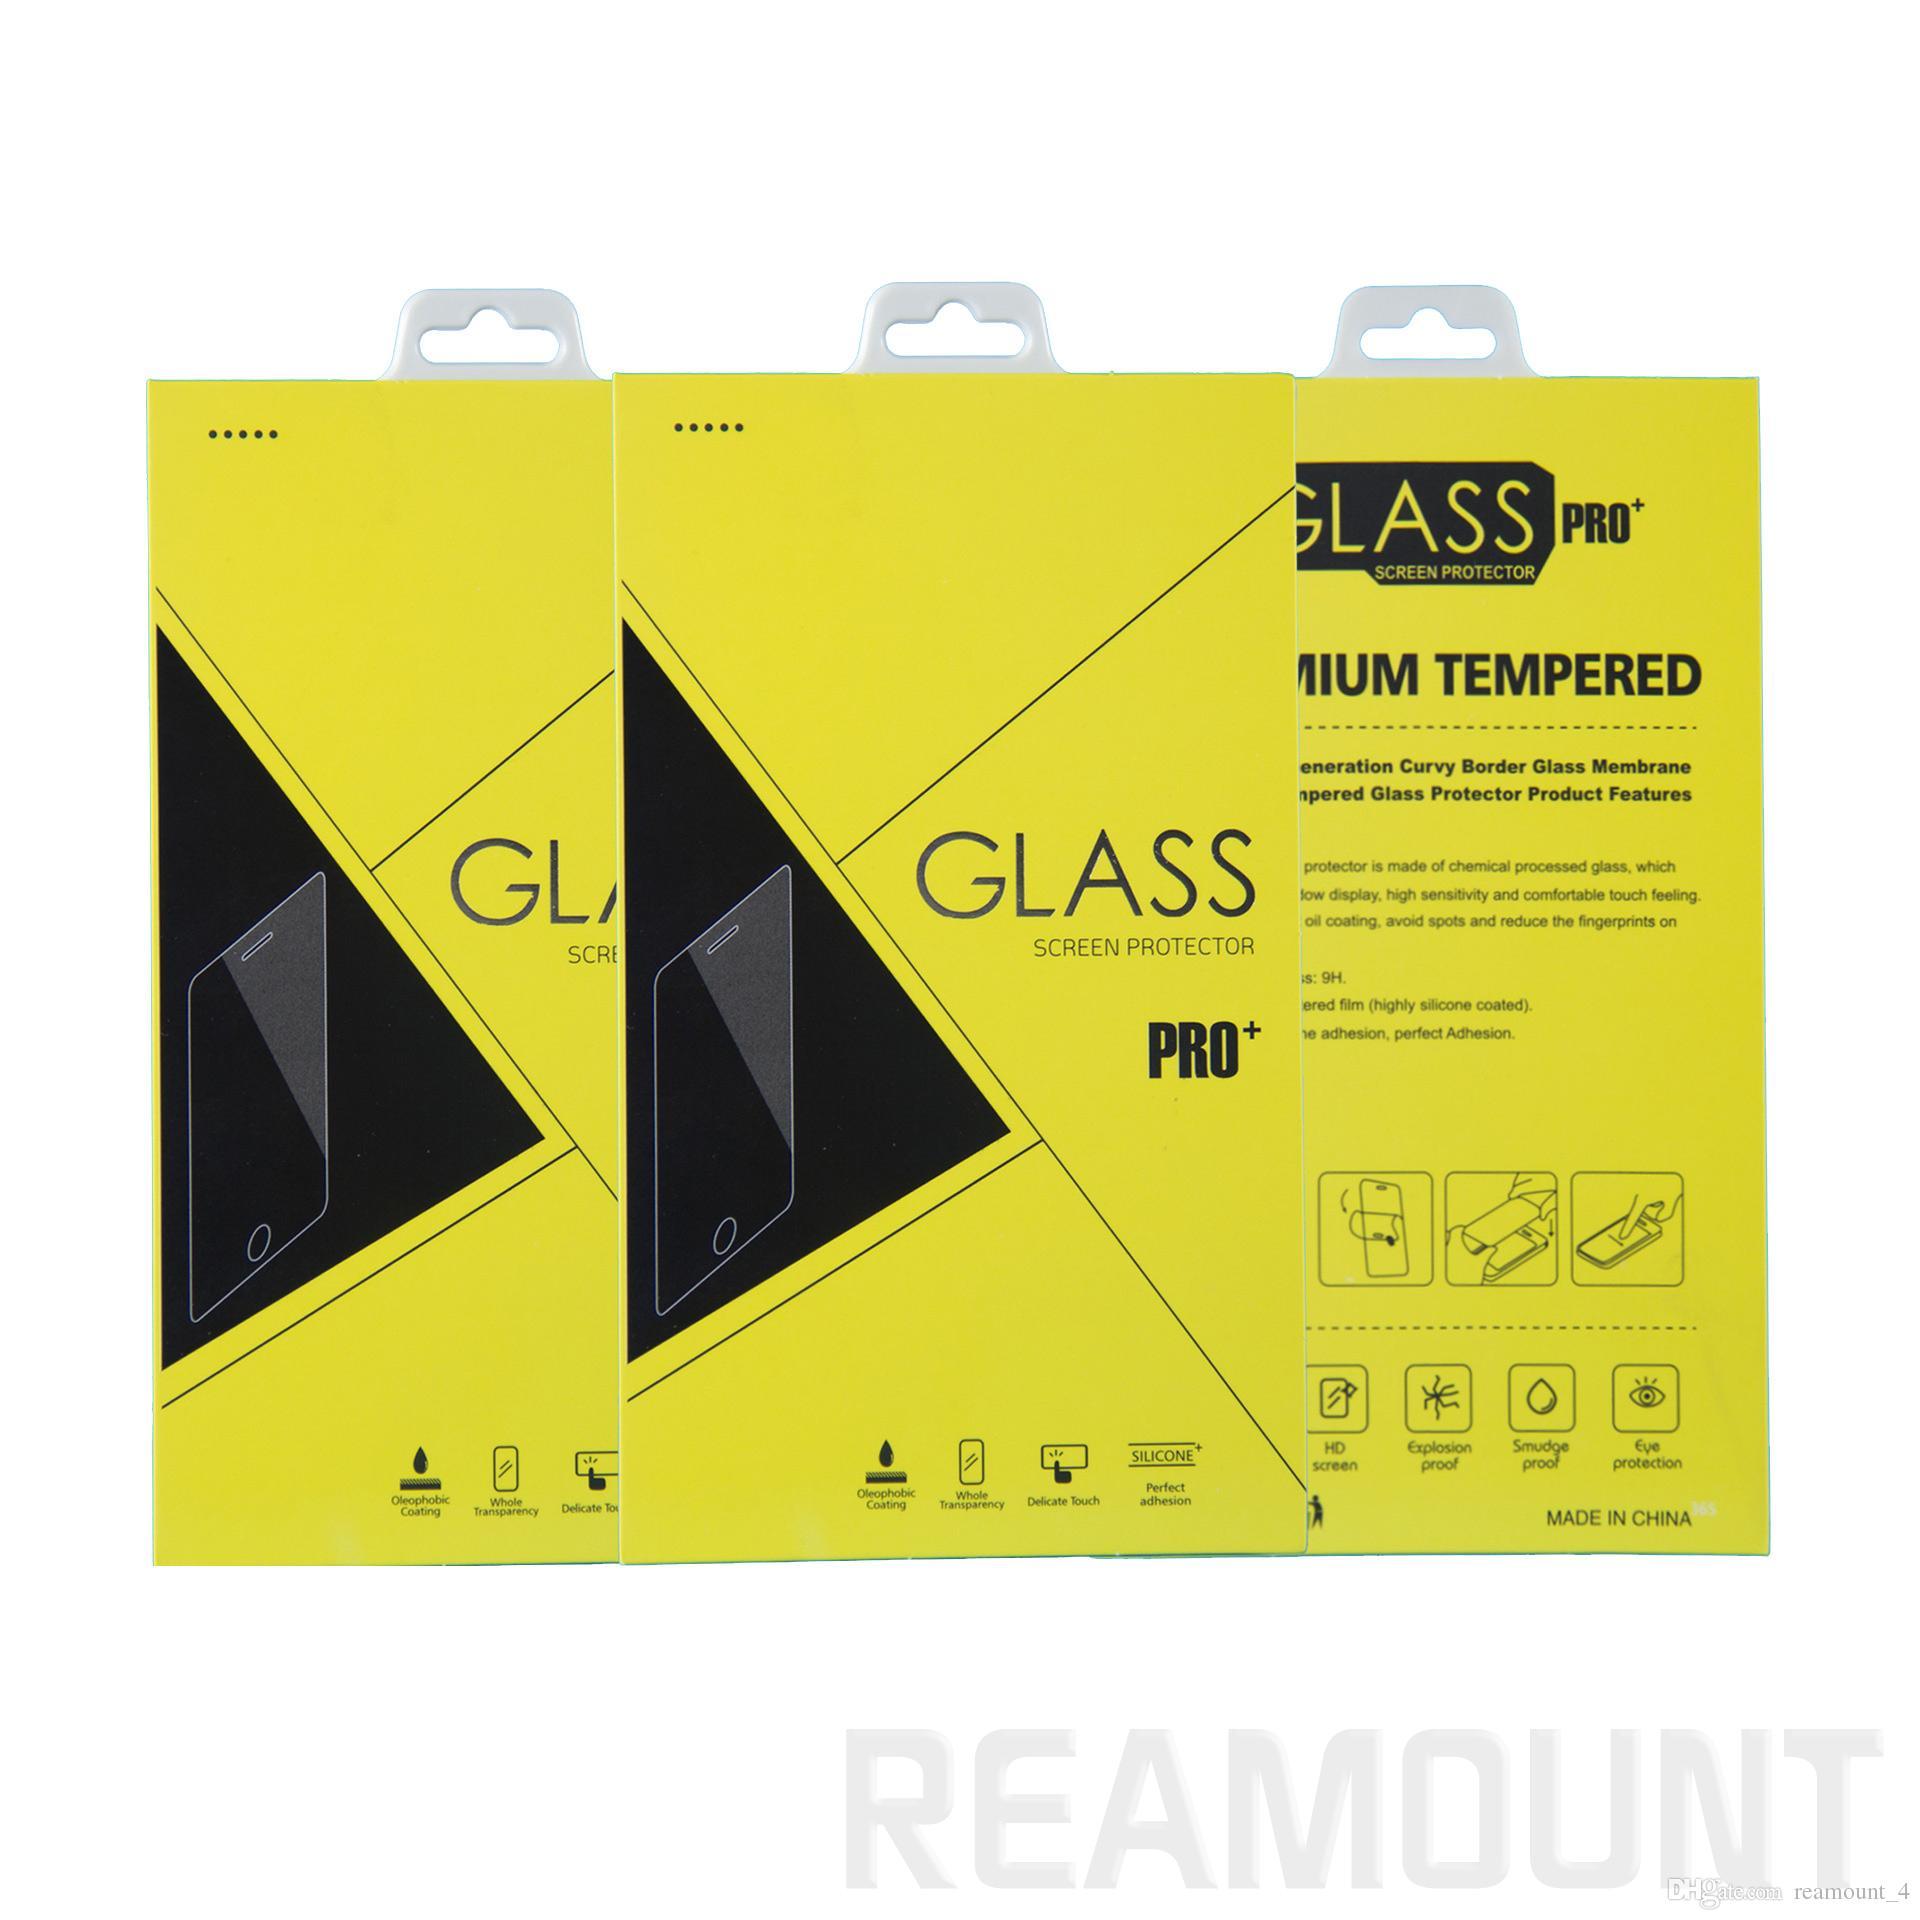 Großhandel bunte Universal-Papier-Verpackungsbox für iPhone Samsung Huawei gehärtetes Glas Luxusverpackung mit Kleiderbügel